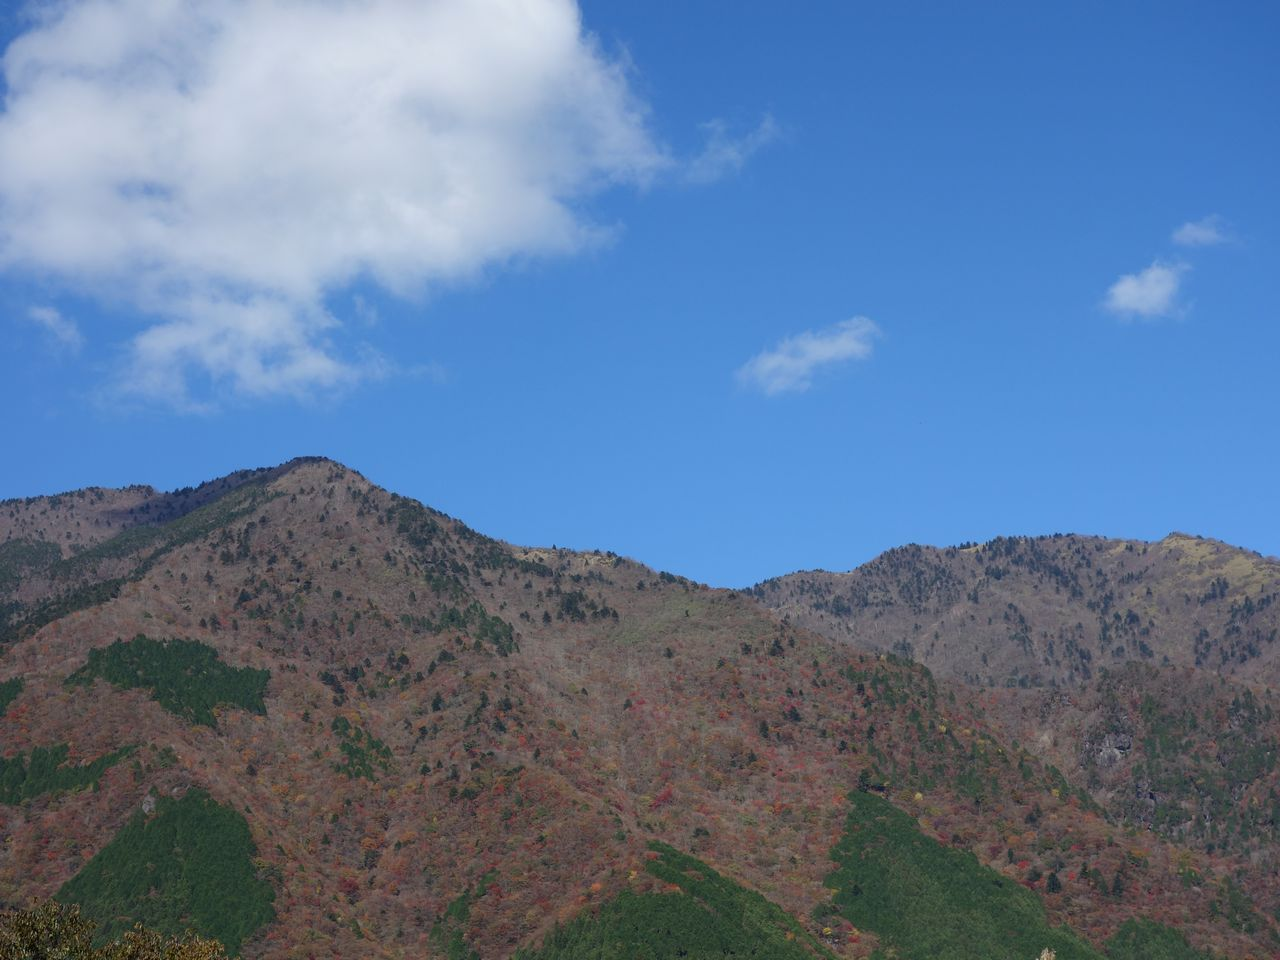 ふもとっぱらから見た毛無山とタカデッキ